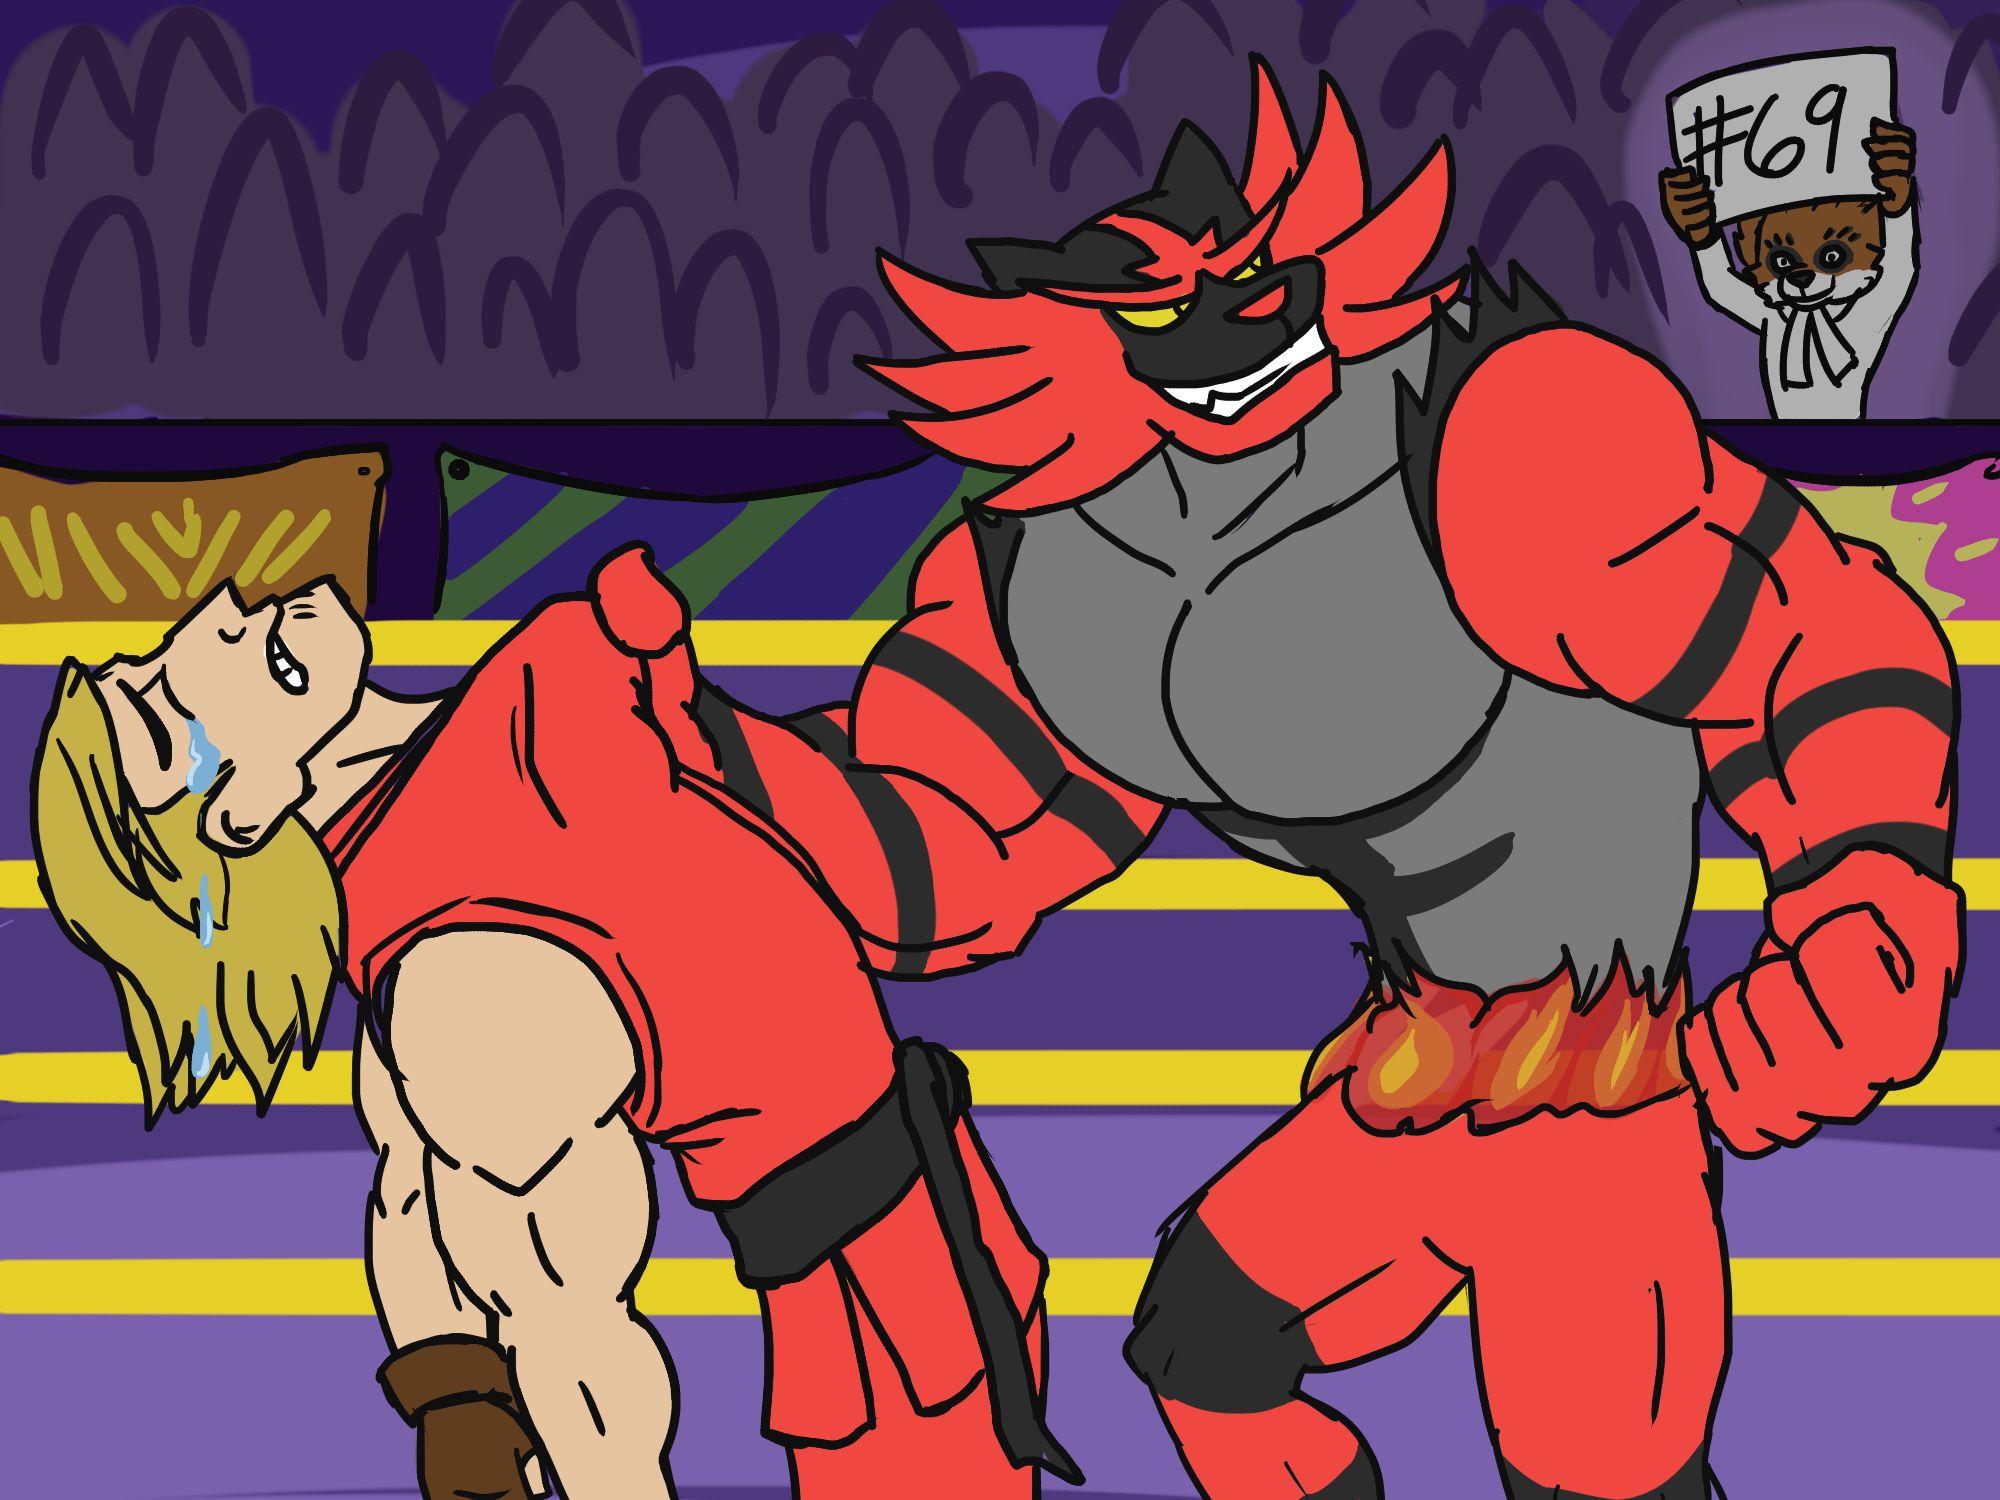 Incineroar beats up Ken while Ash cheers him on